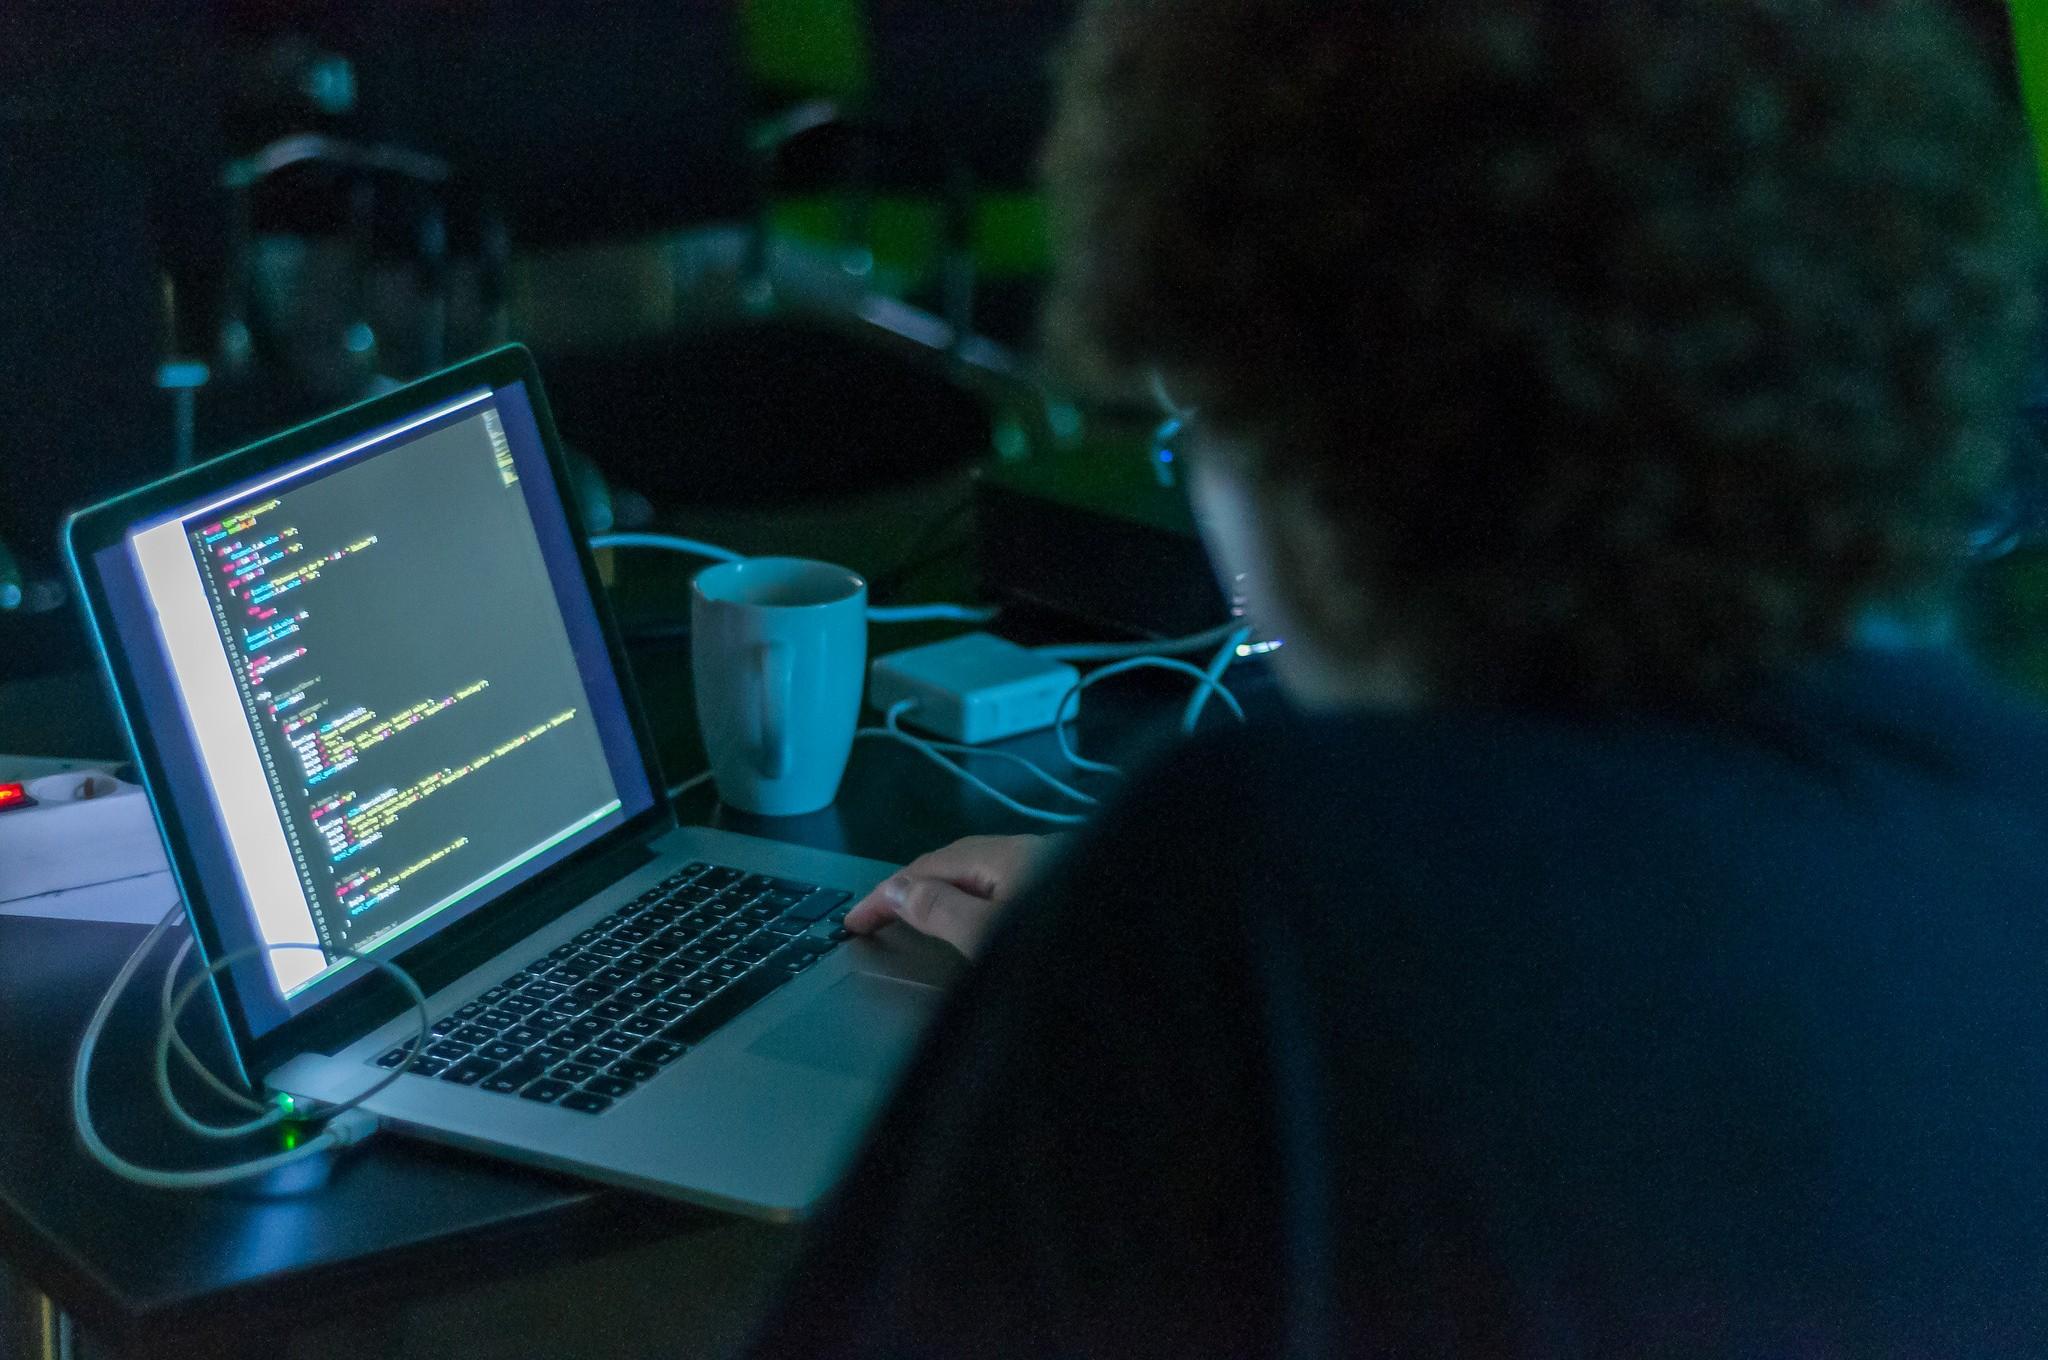 O site quantificou a velocidade com que os hackers trabalham (Foto: Marco Verch/ Flickr)